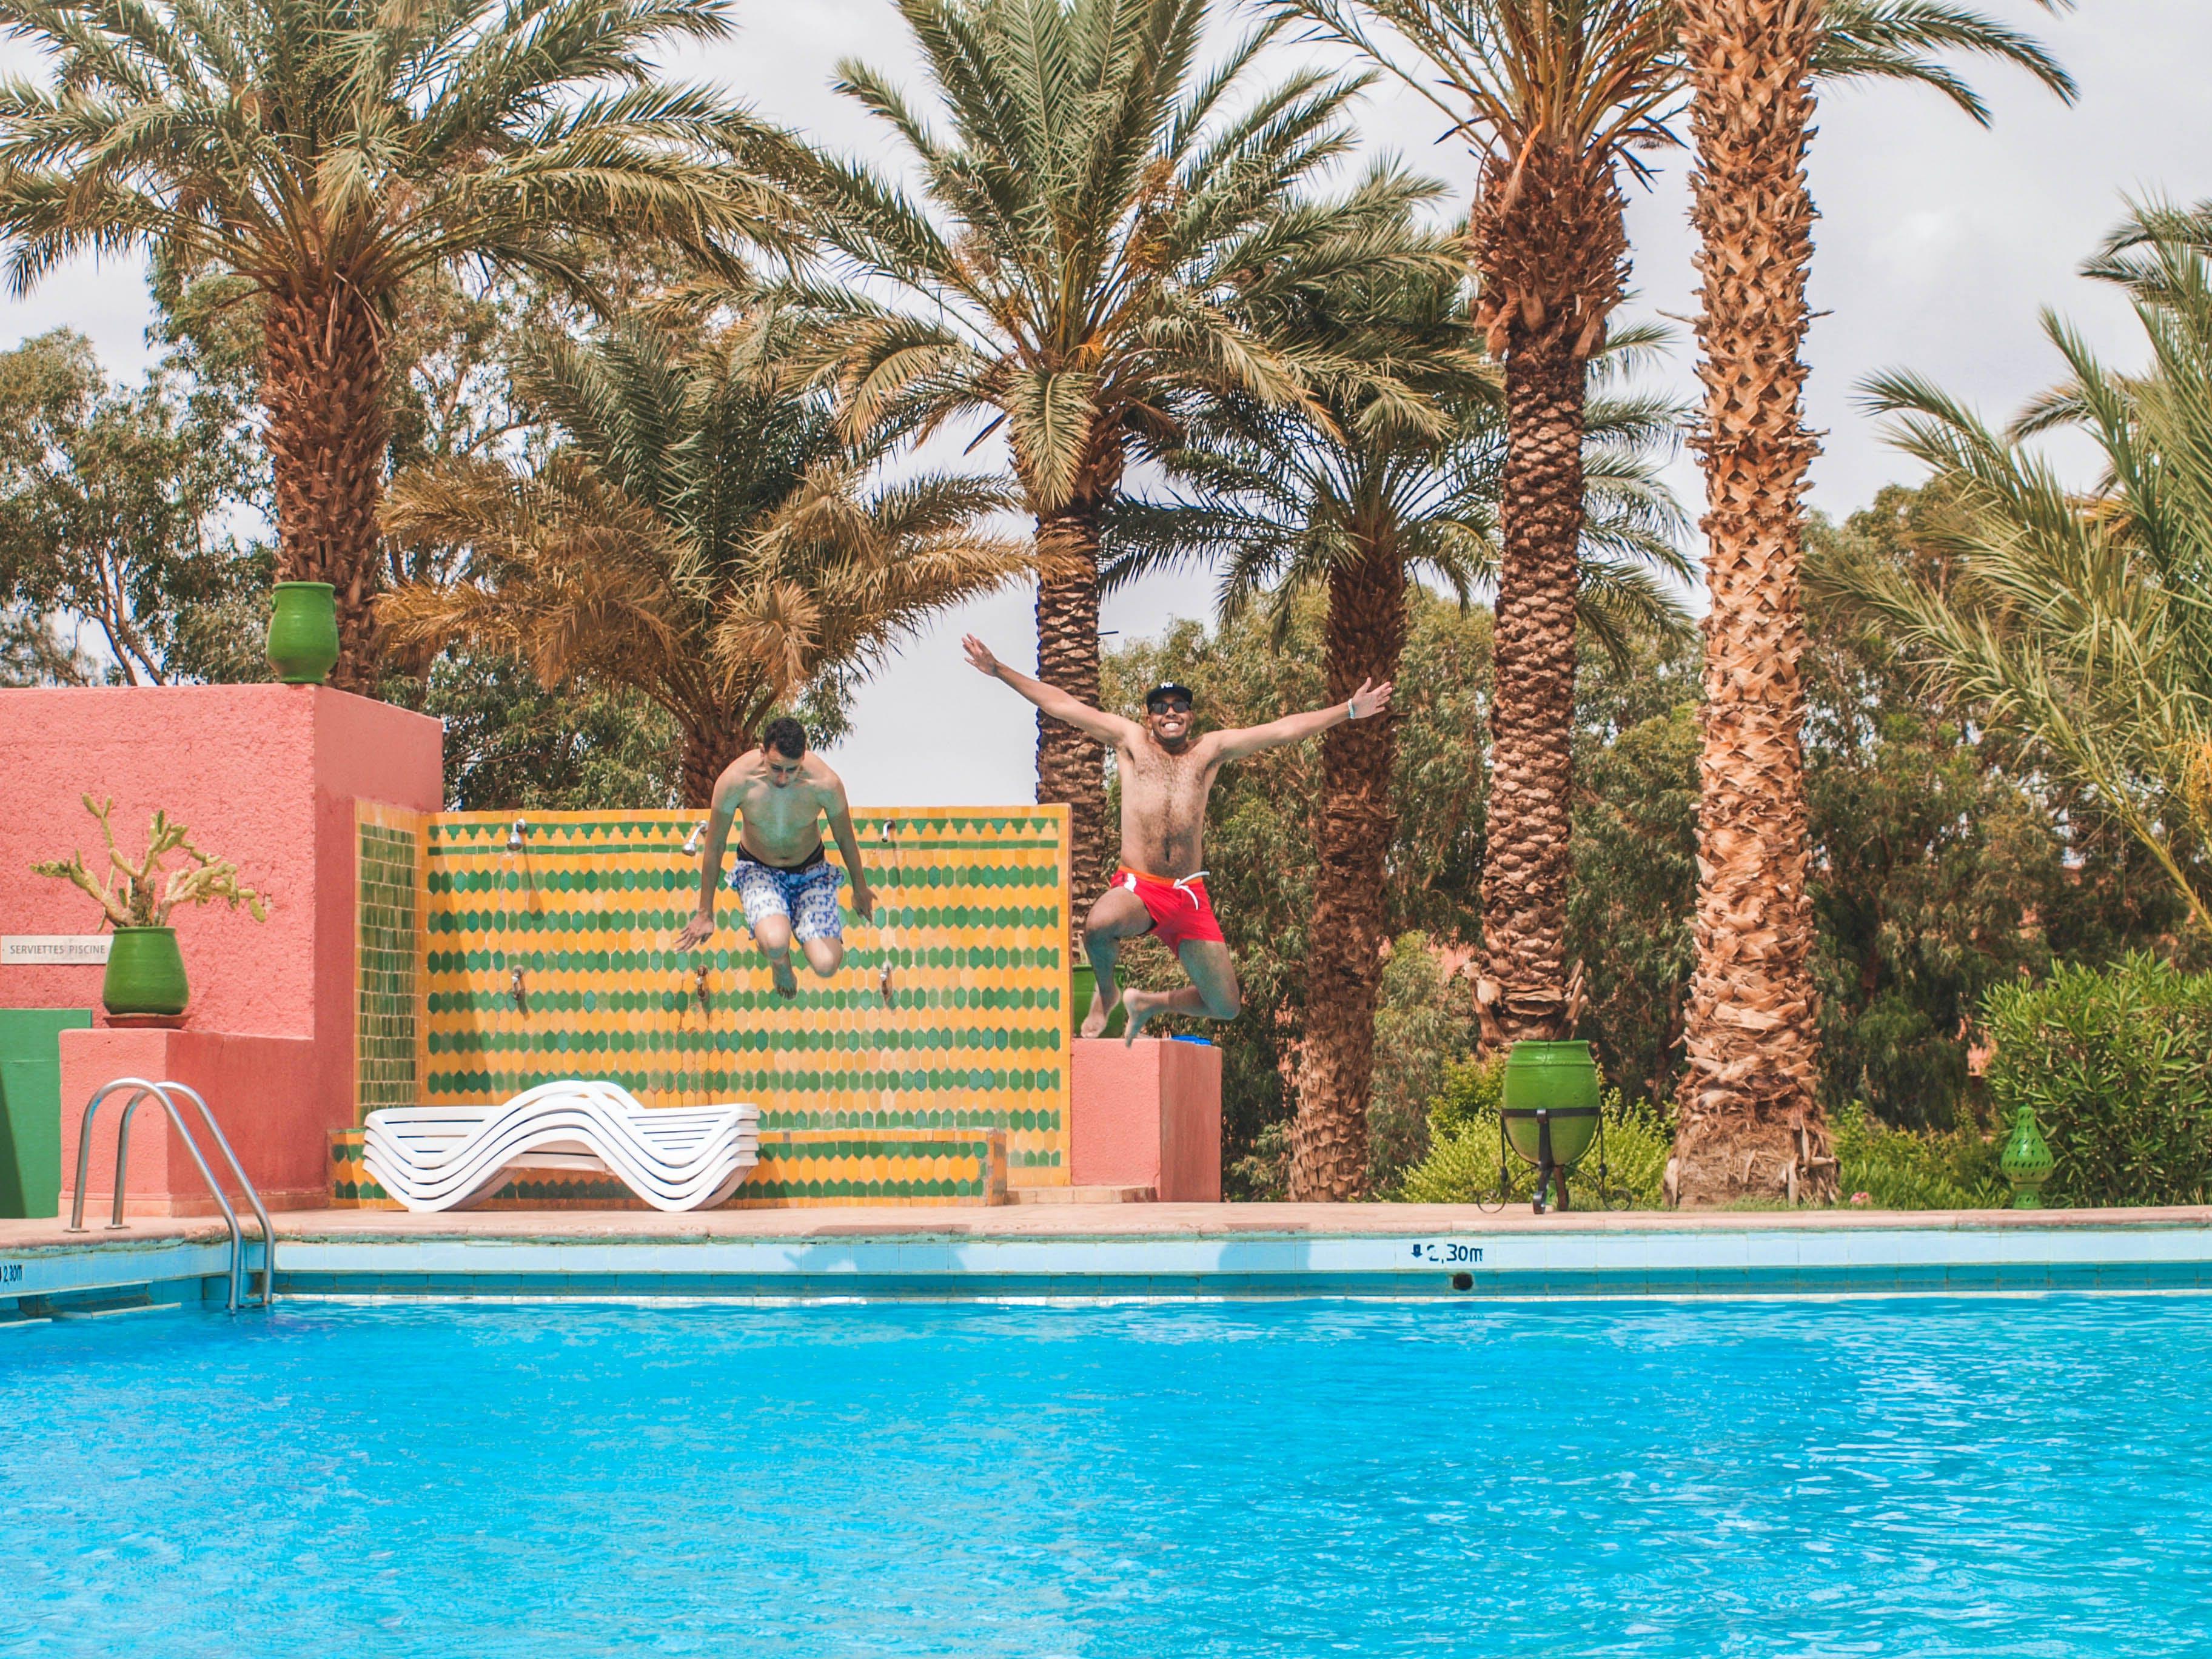 Immagine gratuita di acqua, alberi, bordo piscina, donne africane